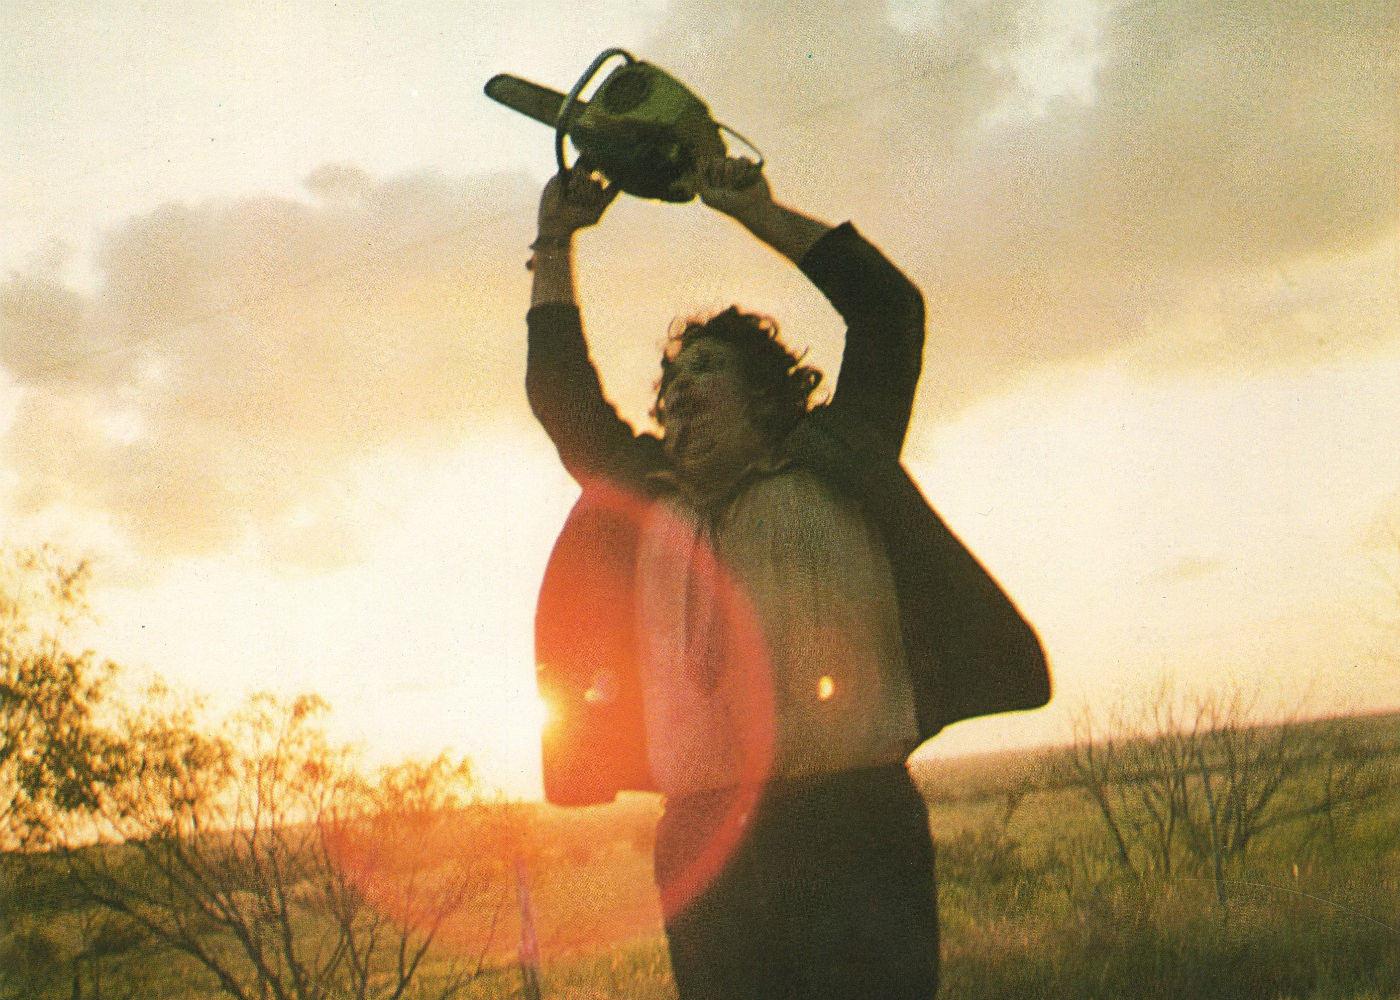 """Ein Härtefall der FSK-Geschichte: """"The Texas Chainsaw Massacre"""". Der Film kam 1974 mit einer """"Ab 18""""-Freigabe in die Kinos; später anlässlich der Video-Veröffentlichung setzte es jedoch jahrelange jursitische Auseinandersetzungen um den Film"""